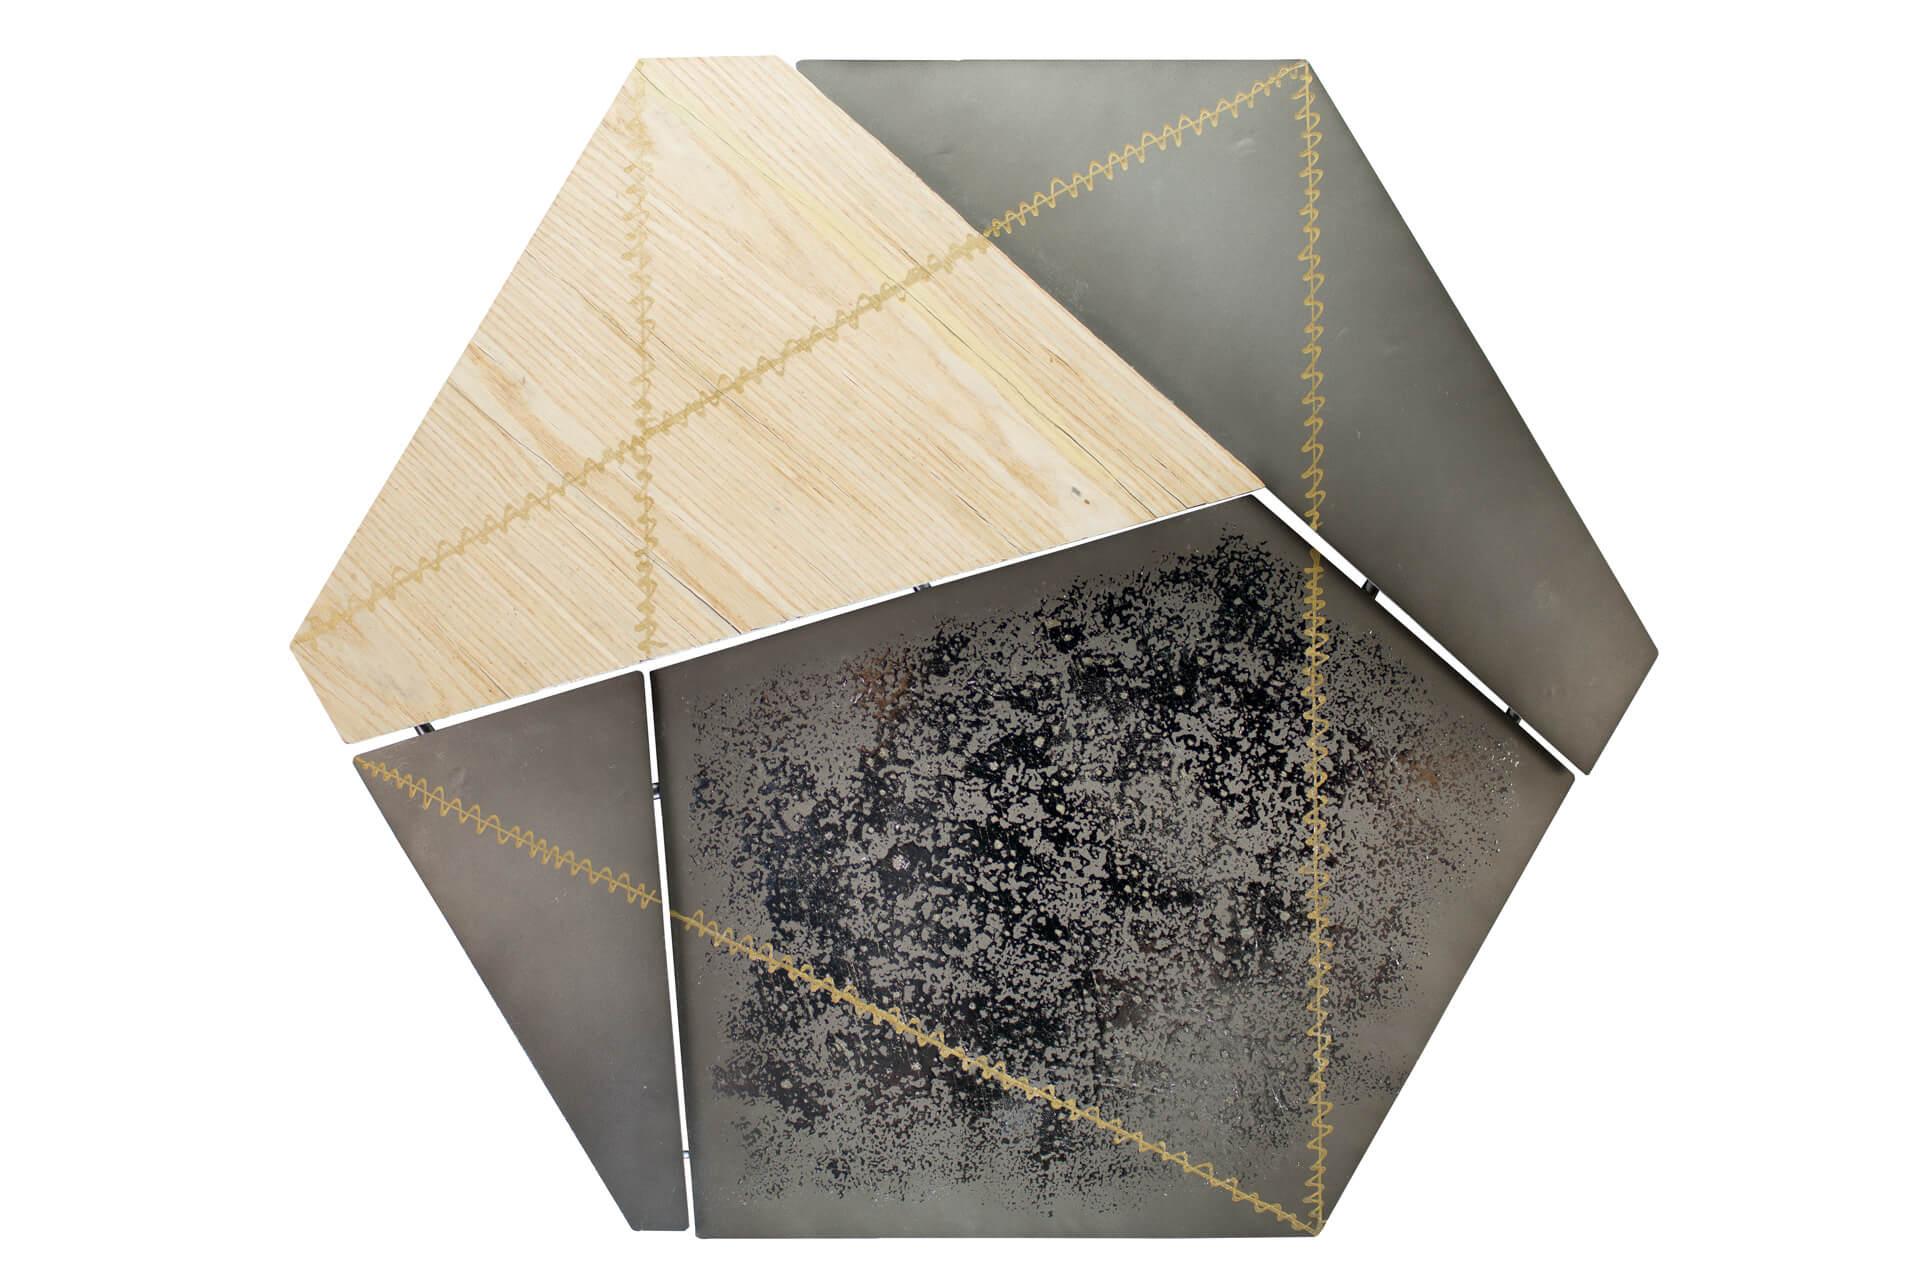 KL abstrakt fuenfeck gelb grau wanddeko metall wandskulptur wandbilder aus metall 01